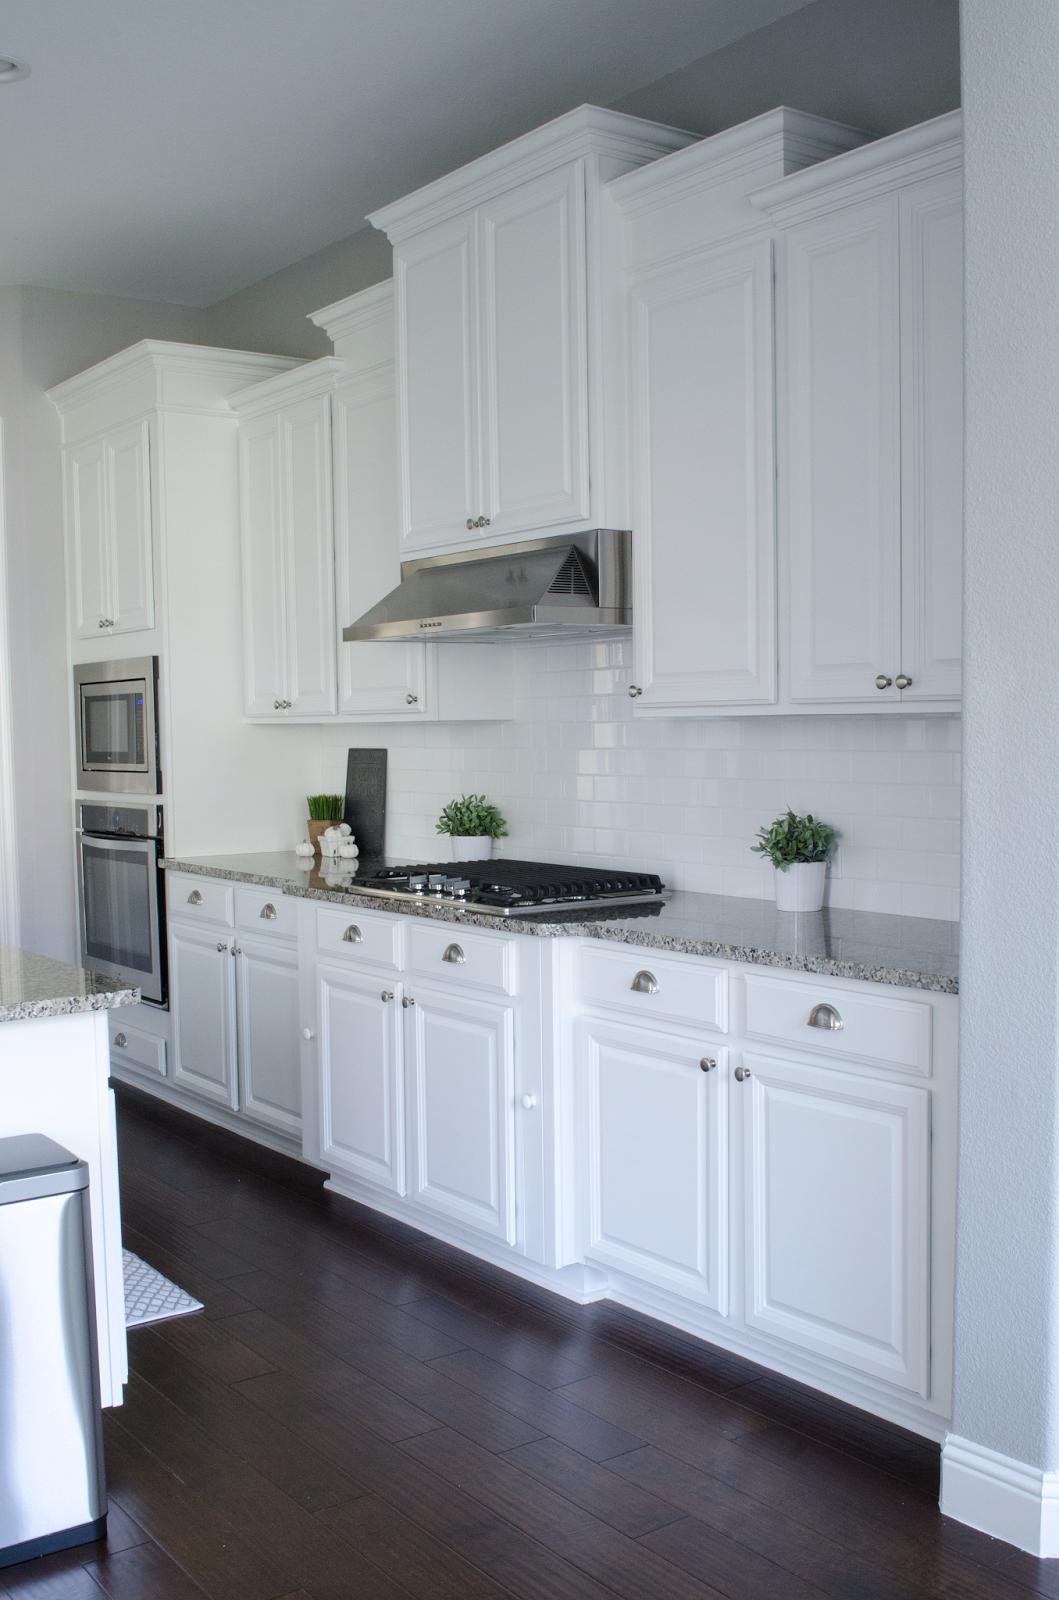 White kitchen cabinets kitchen pinterest kitchen kitchen